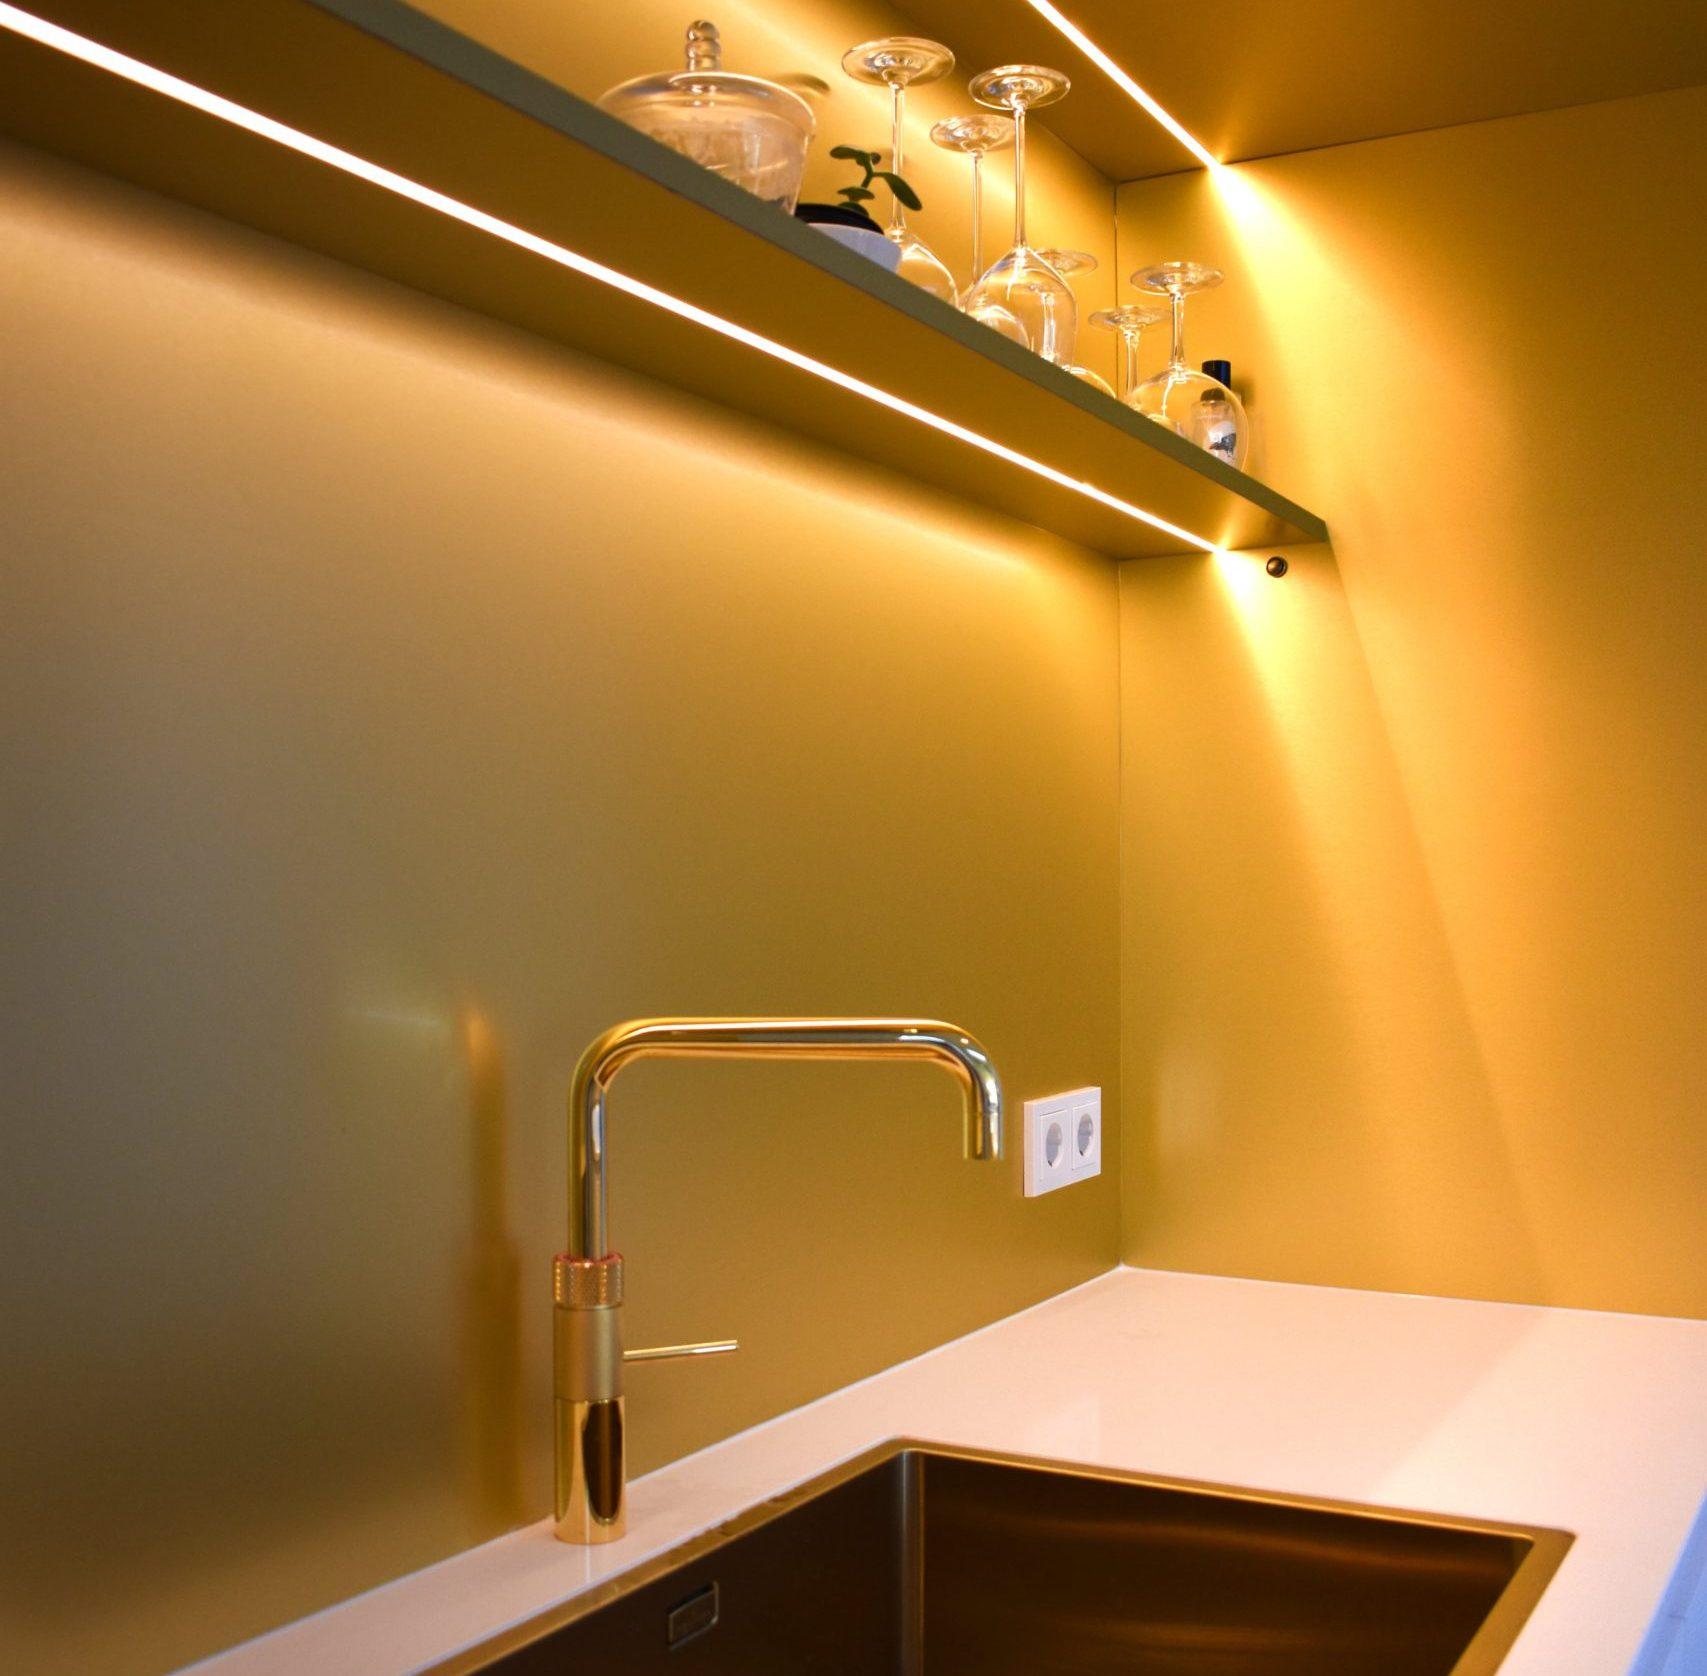 Keuken1-min